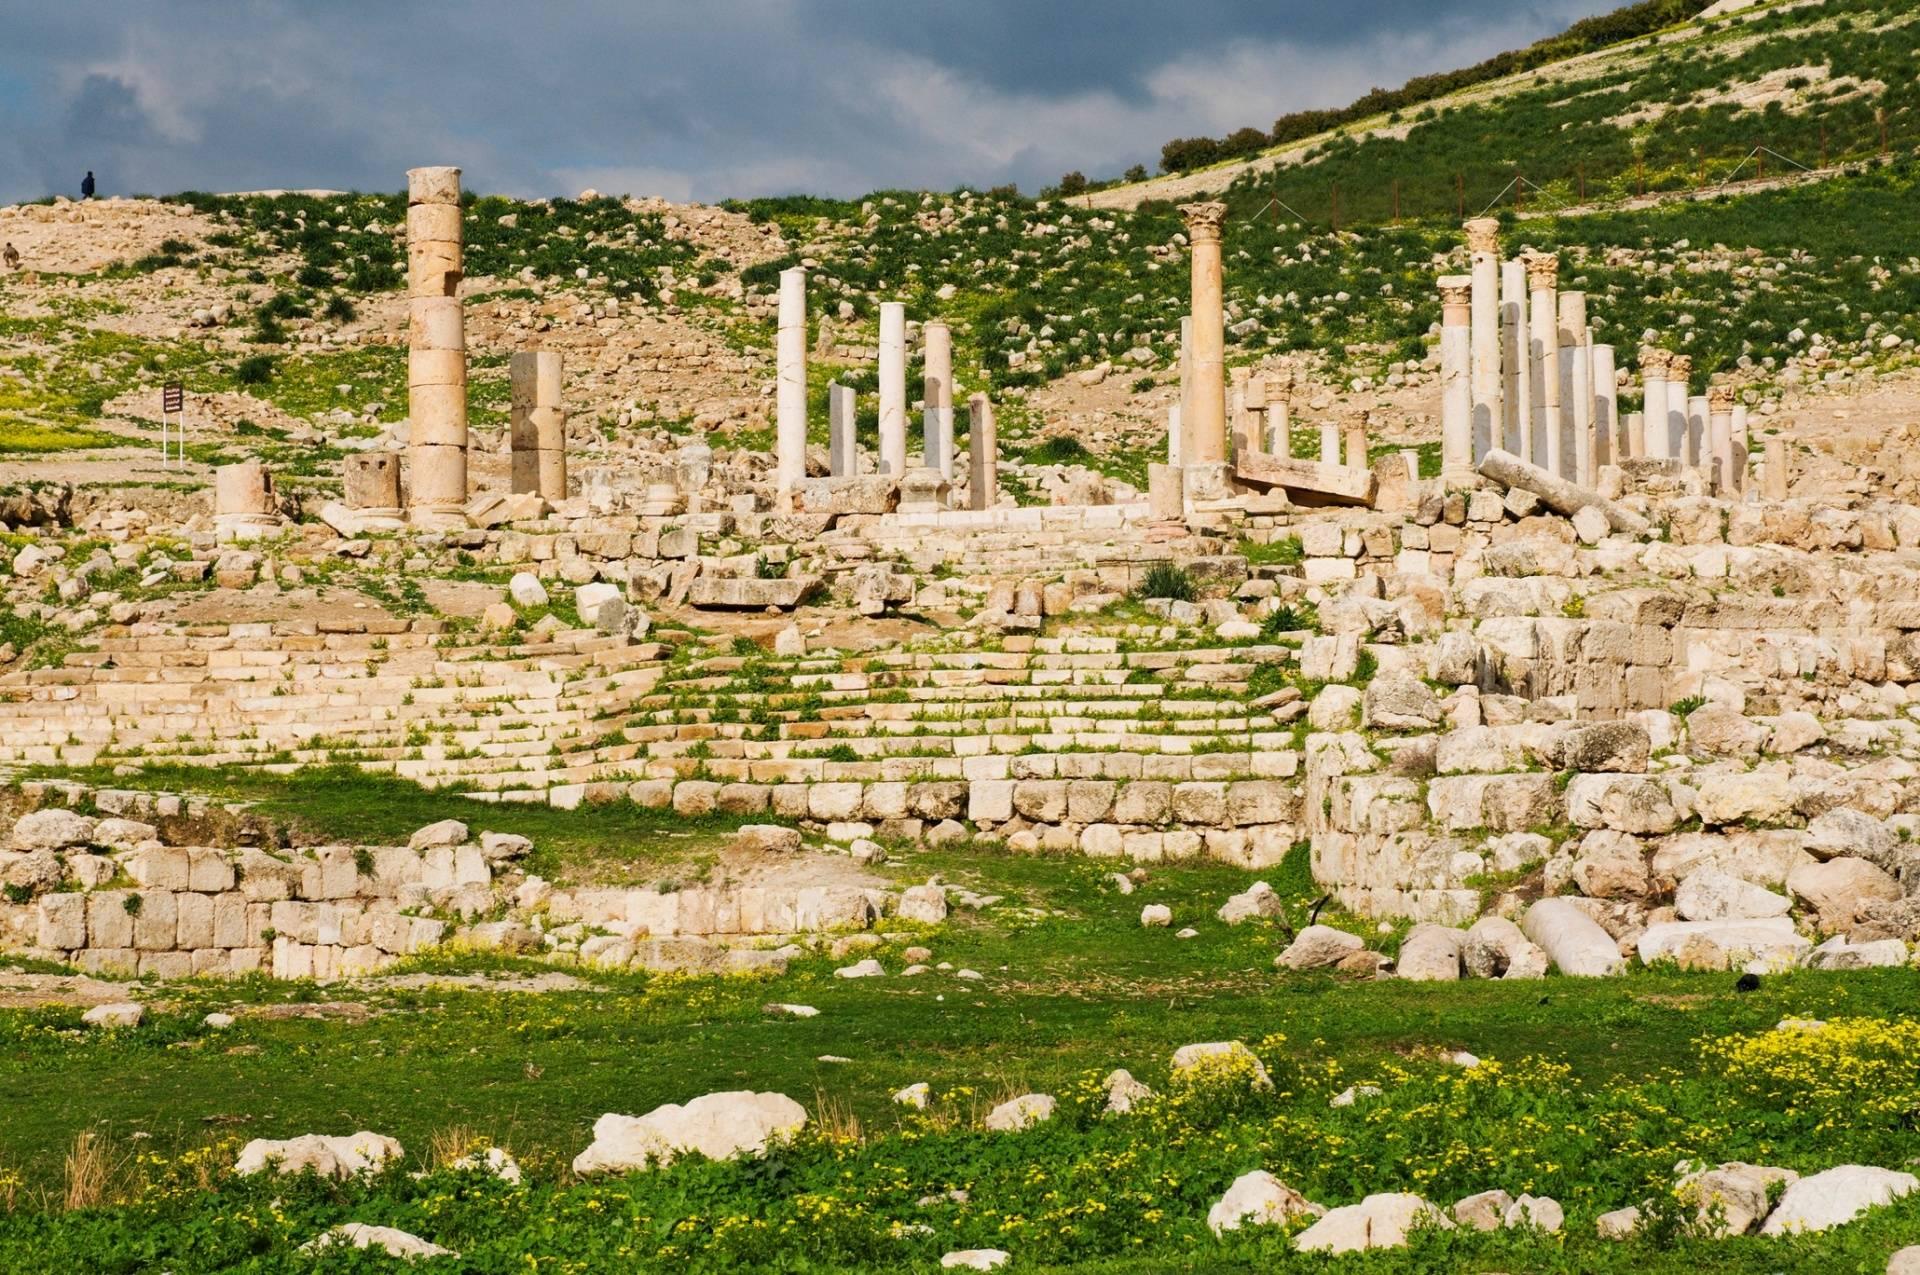 Az Bilinen 10 Mükemmel Arkeolojik Yapı